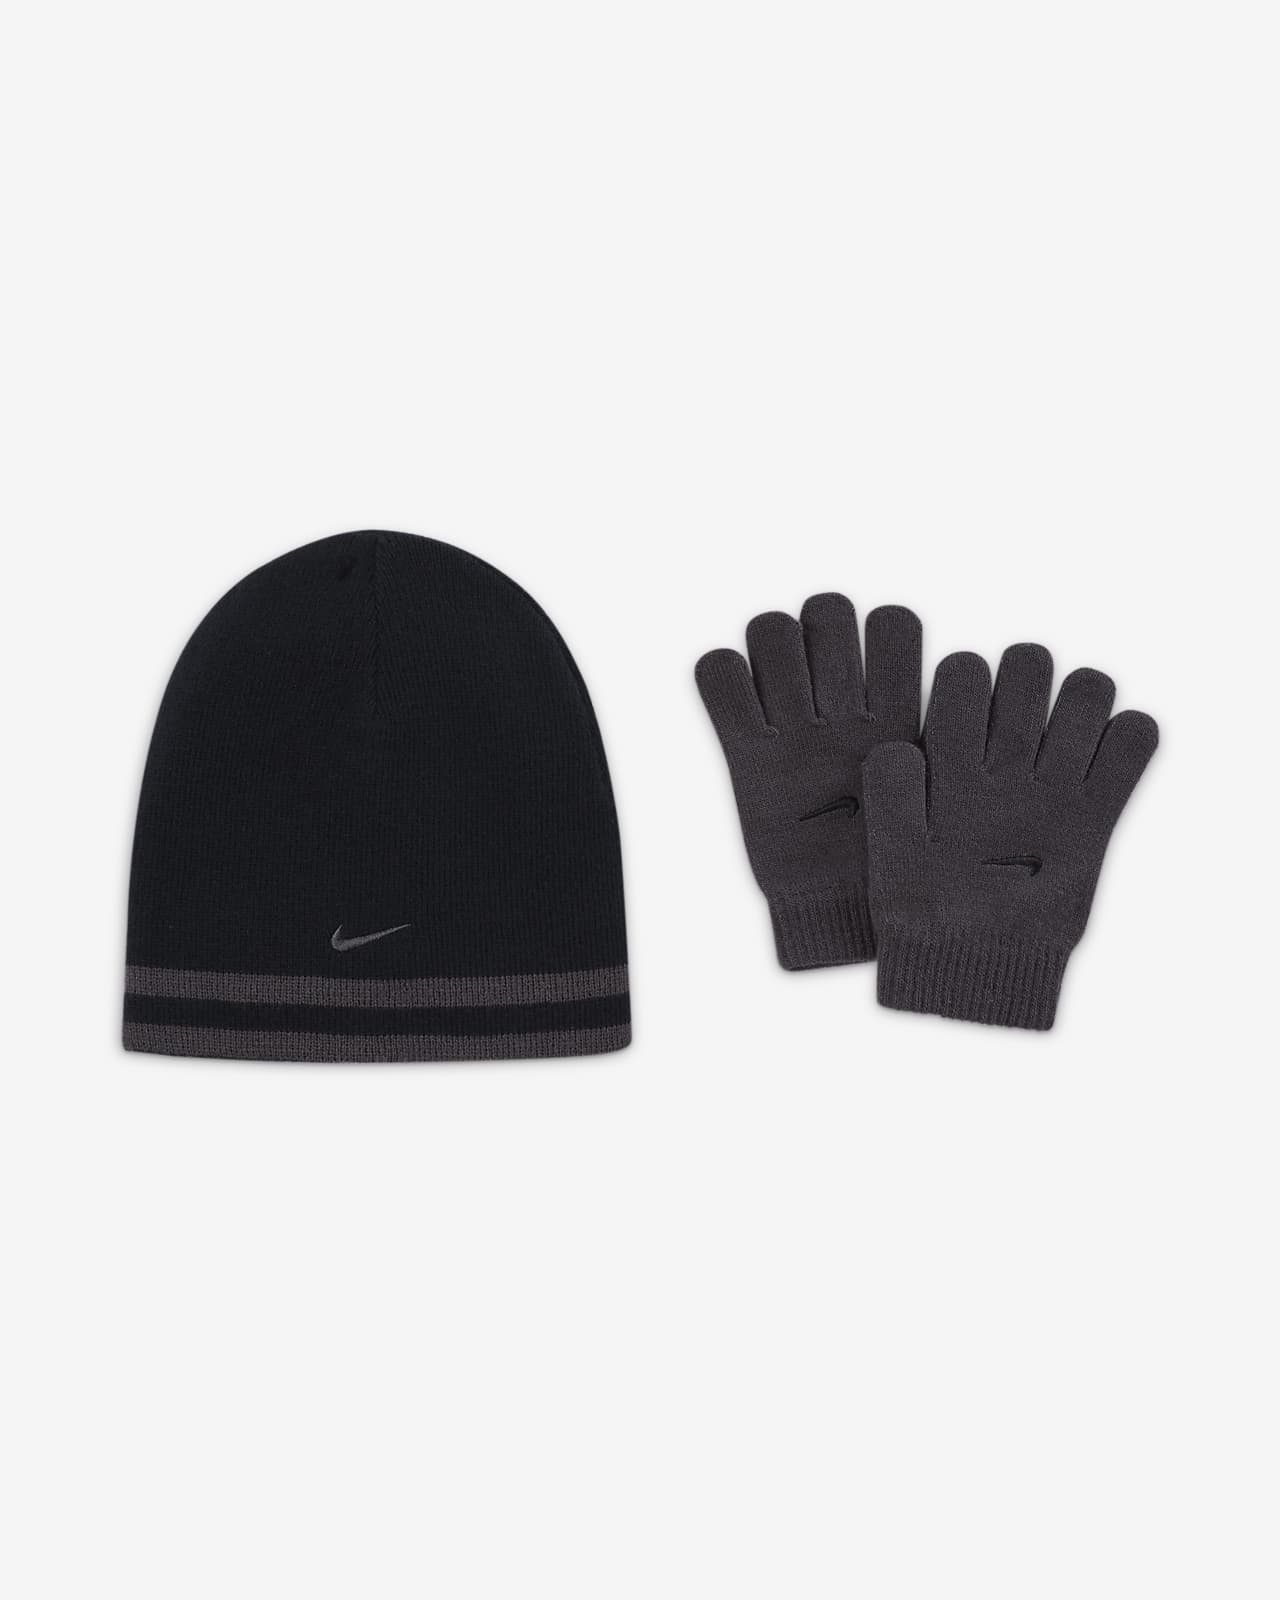 Nike Big Kids' Beanie and Gloves Set